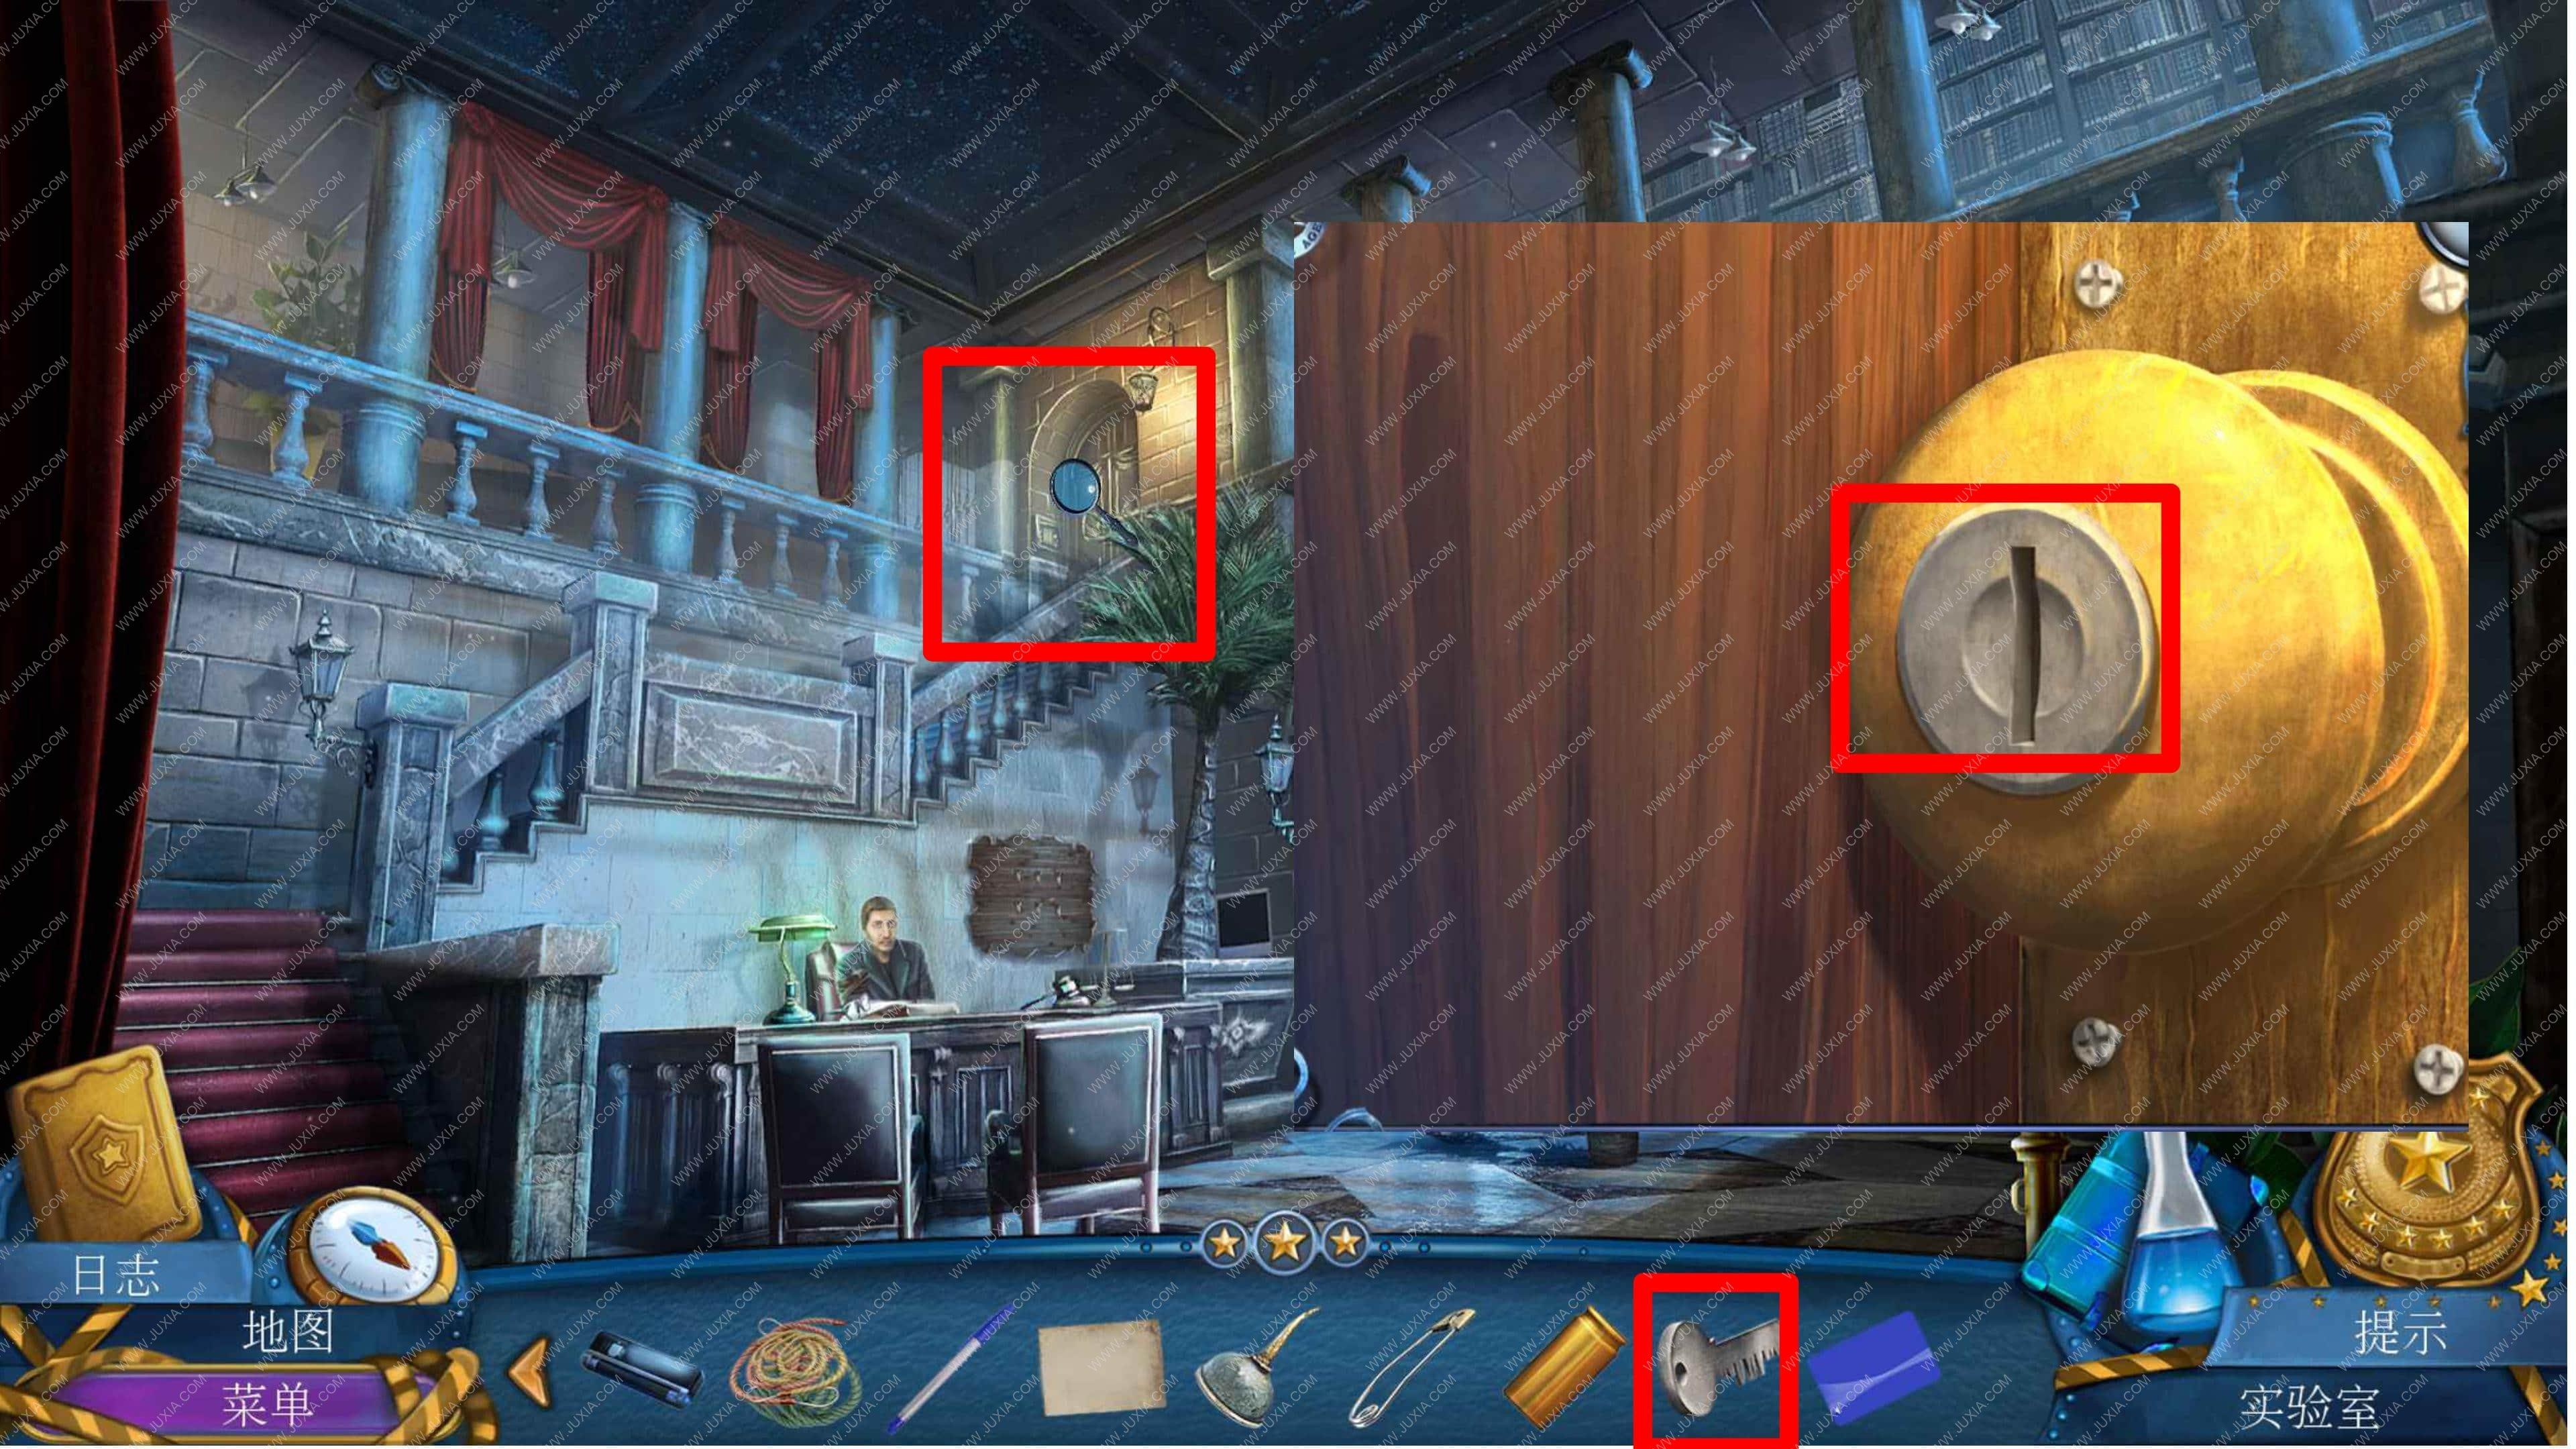 密室逃脱滚动迷城攻略第四章 幽灵档案罪恶的面孔攻略档案室